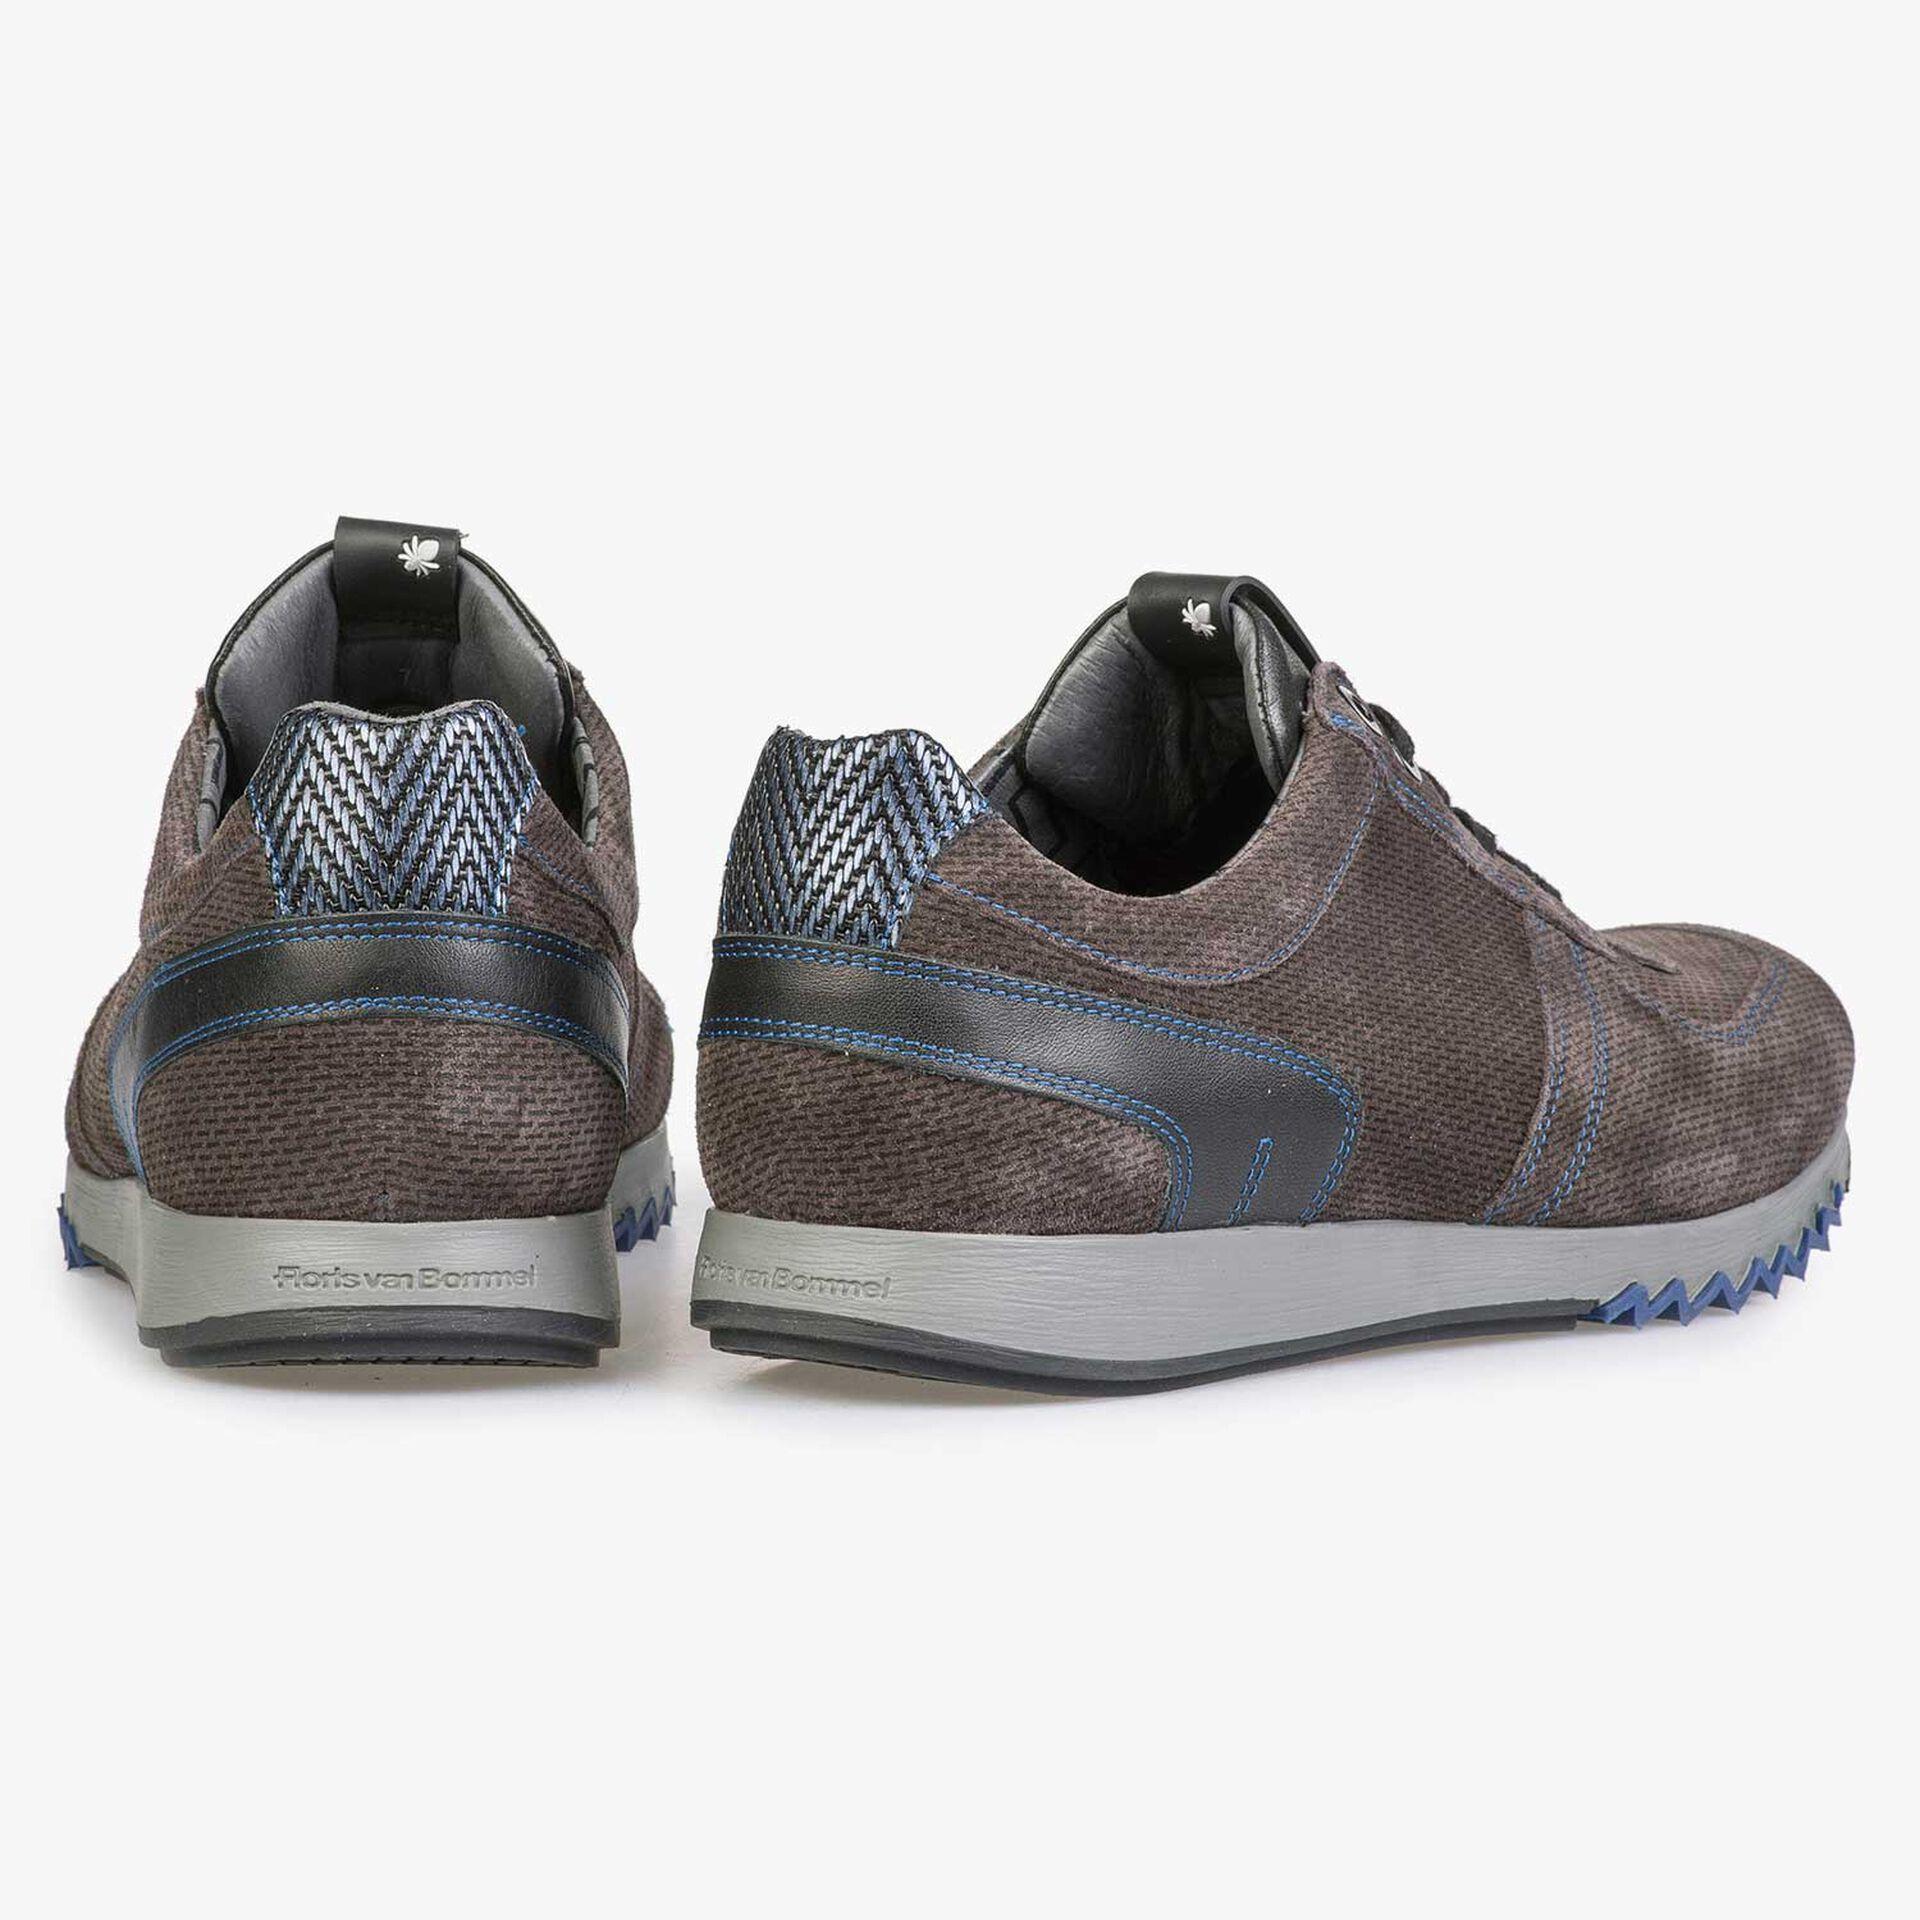 Grijsbruine sneaker met kobaltblauwe details